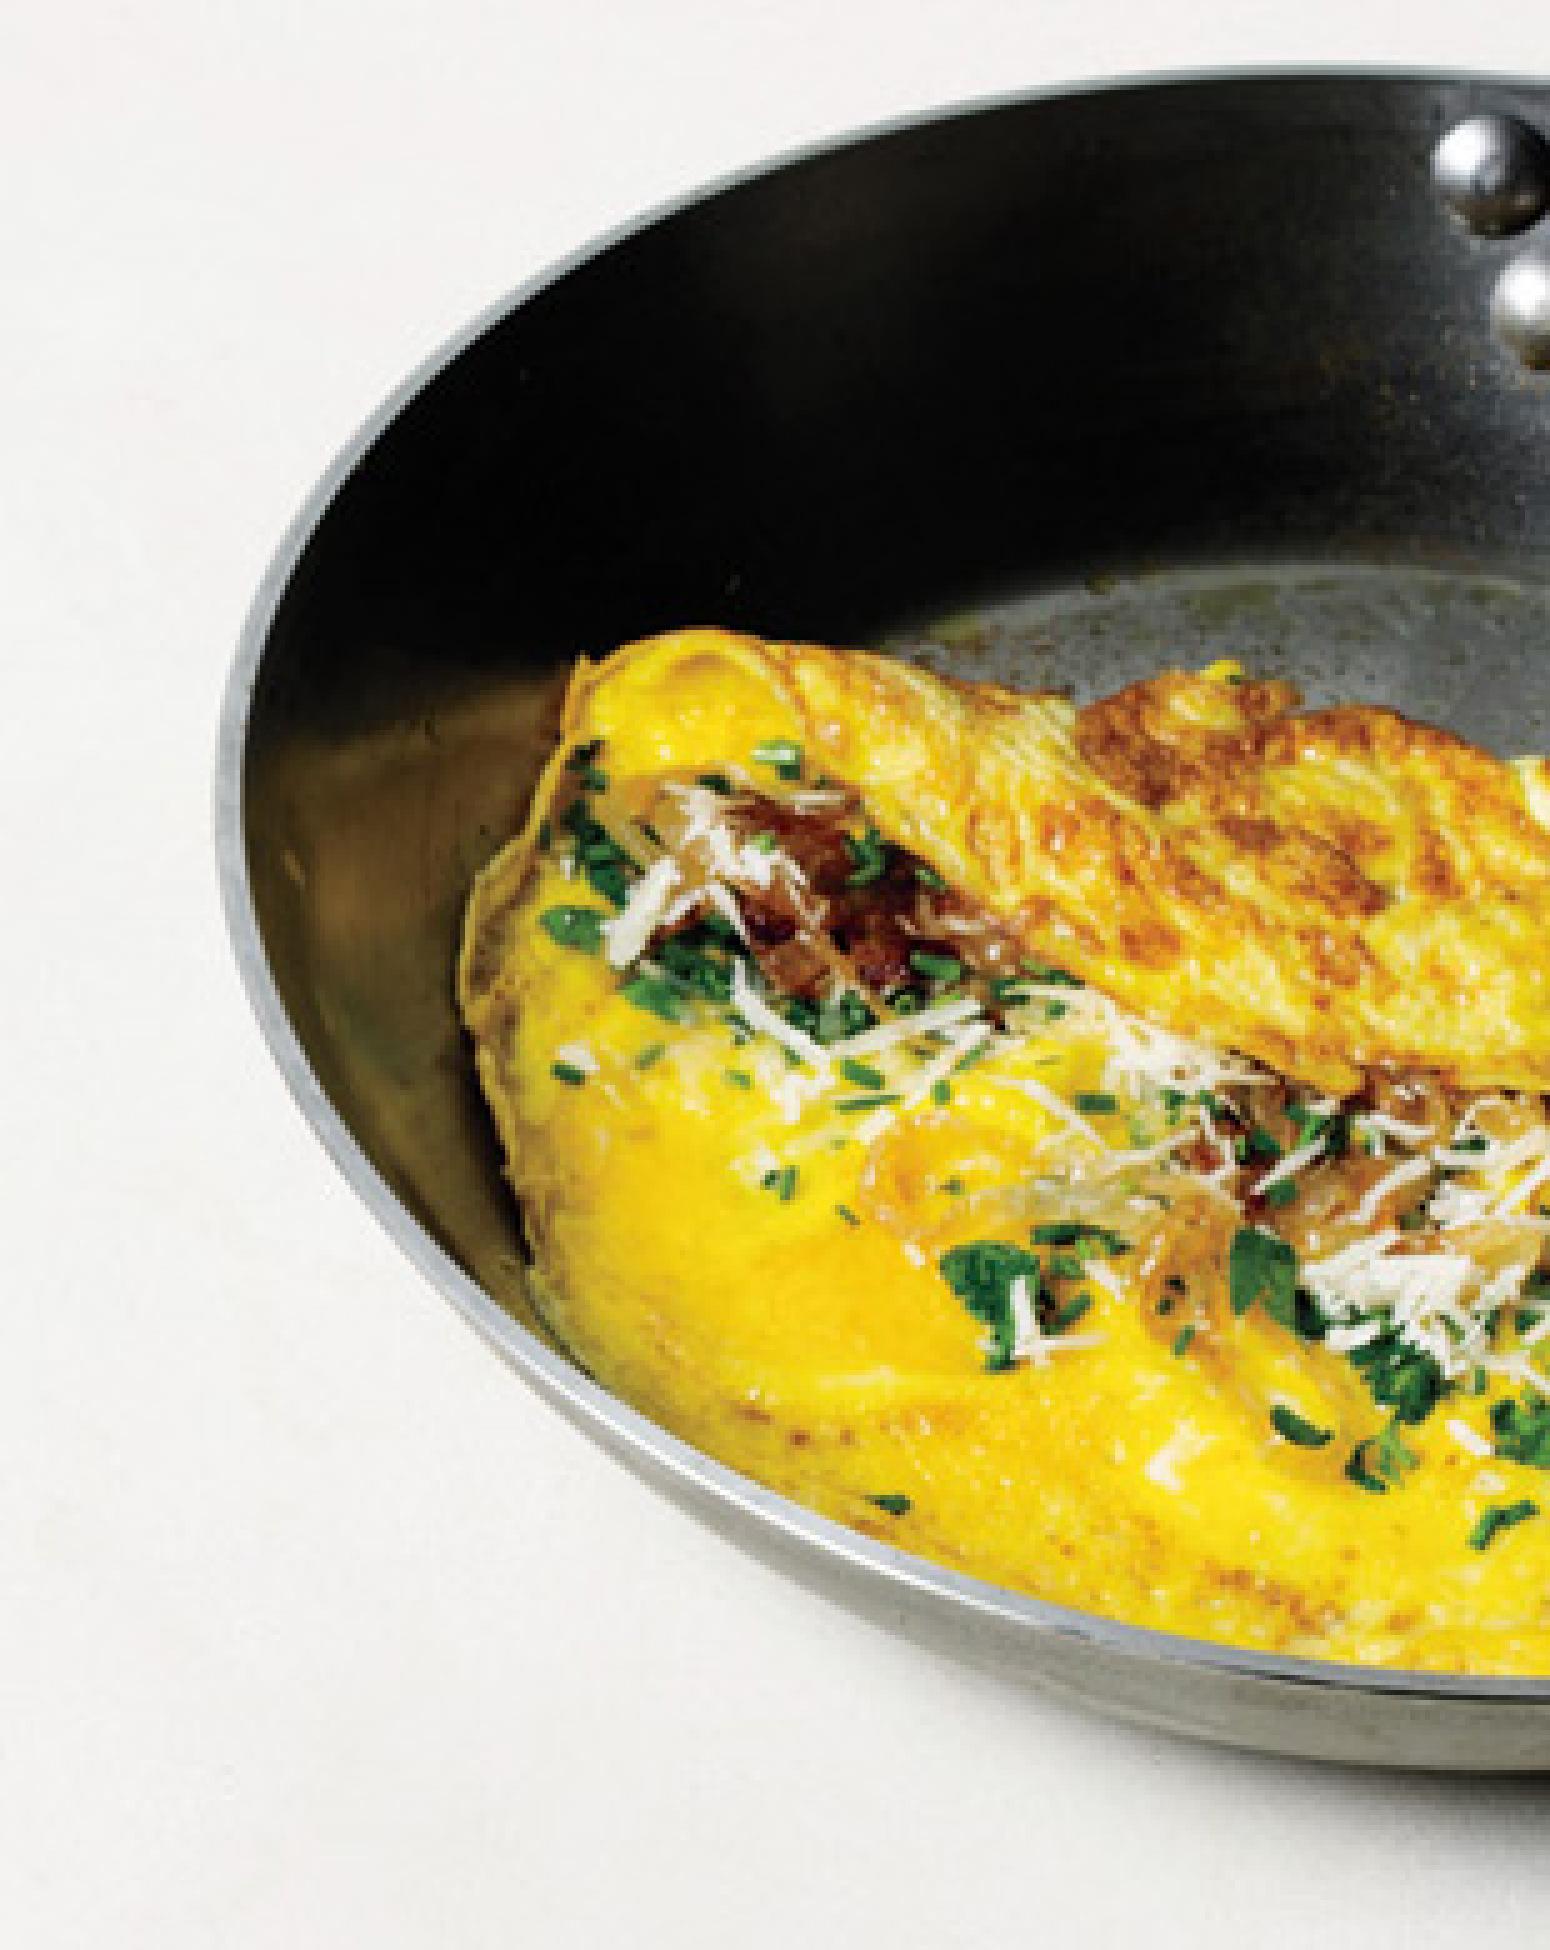 Golden-Brown Omelet Recipe | Epicurious.com